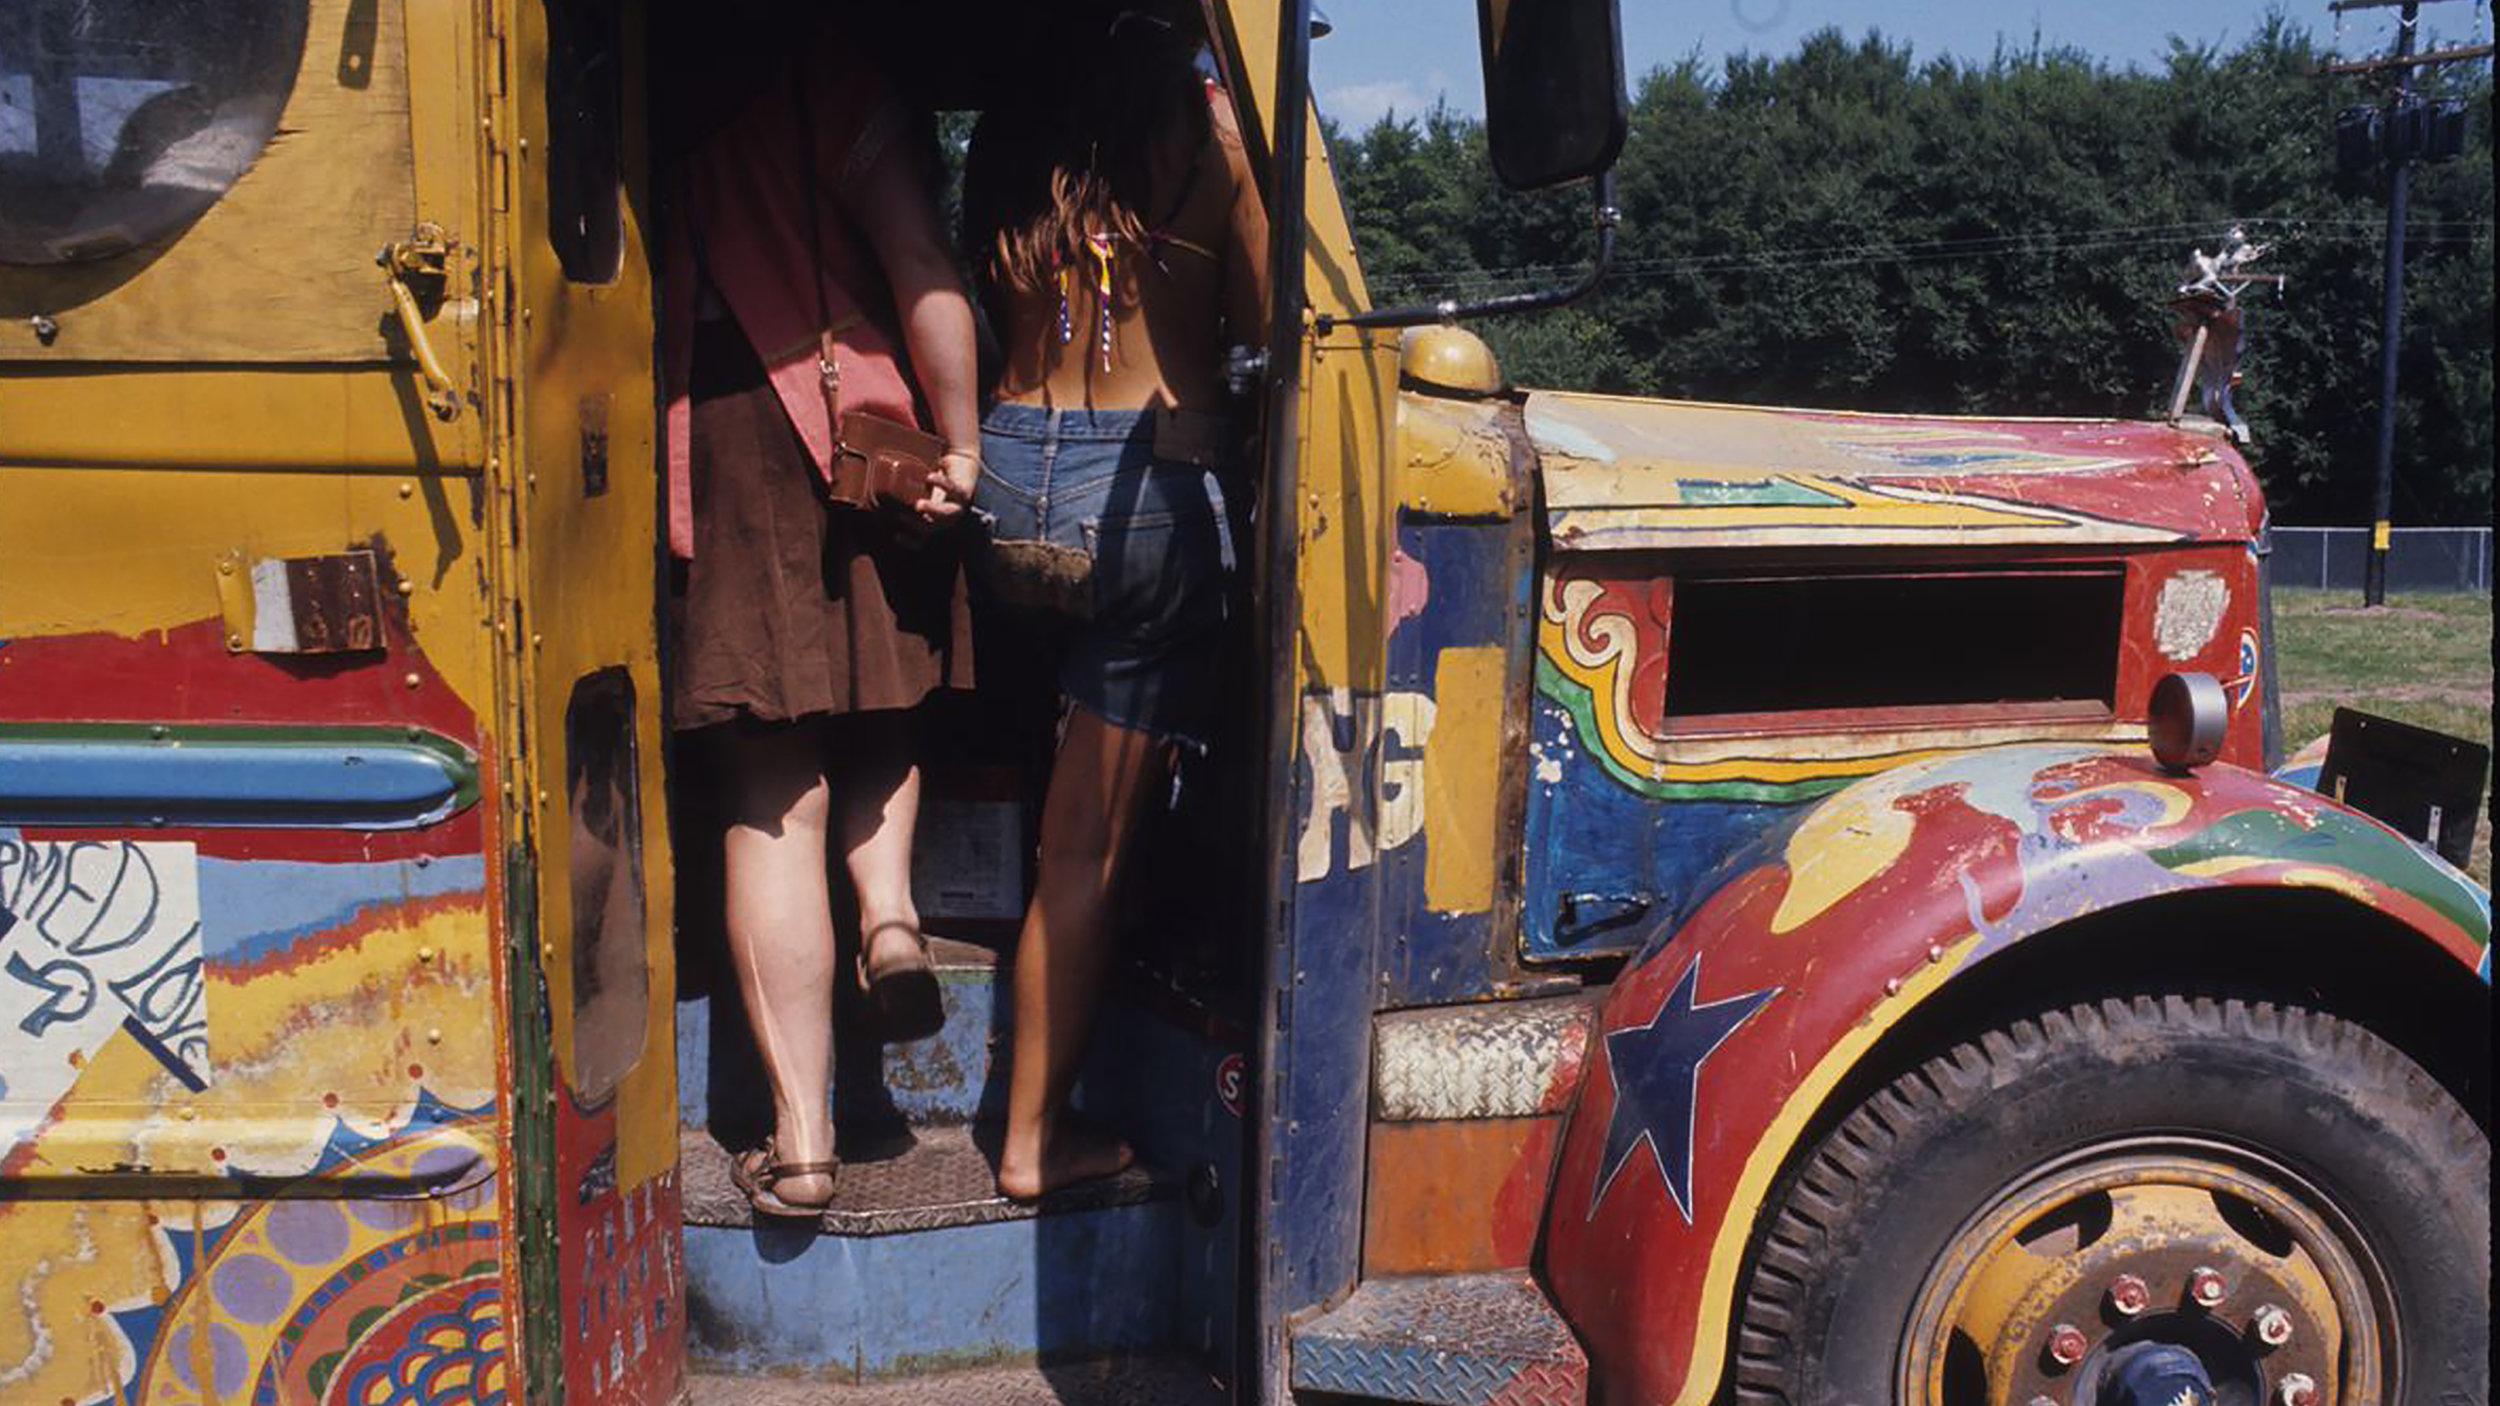 Woodstock_Bus.jpg